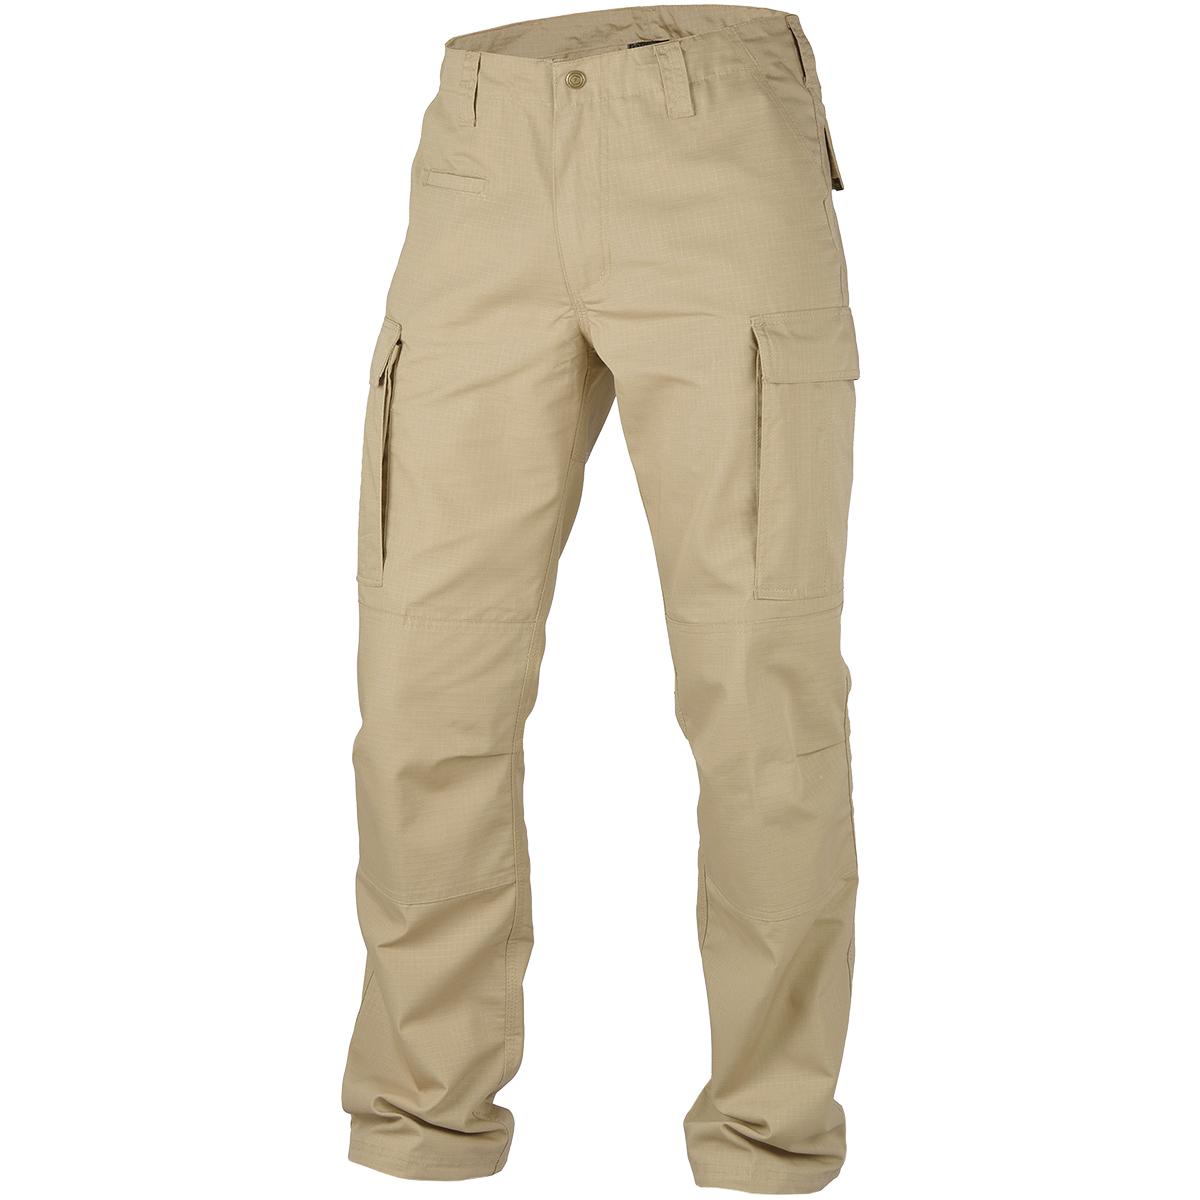 Prime Pantalon Militaire Tactique Hommes Pantalon de Travail Cargo WRK-02